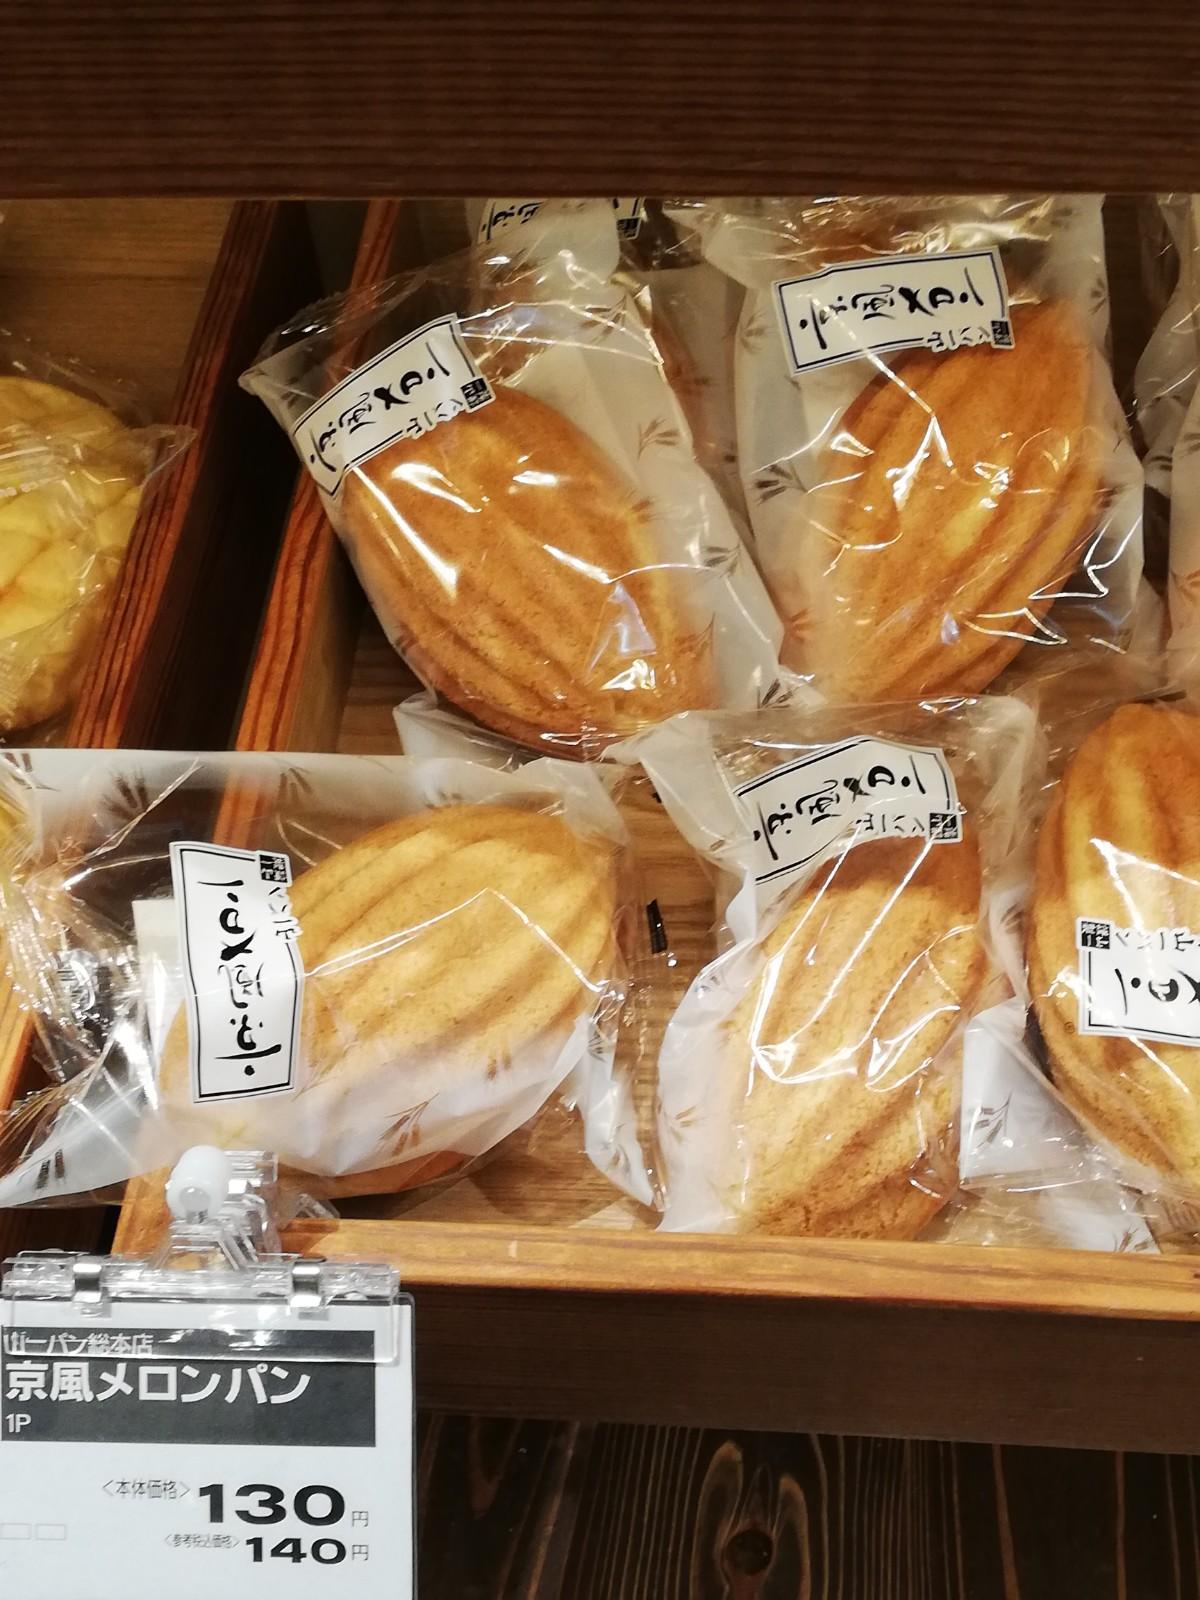 ★ひらかたもより市★メロンパンはお好きで…の画像